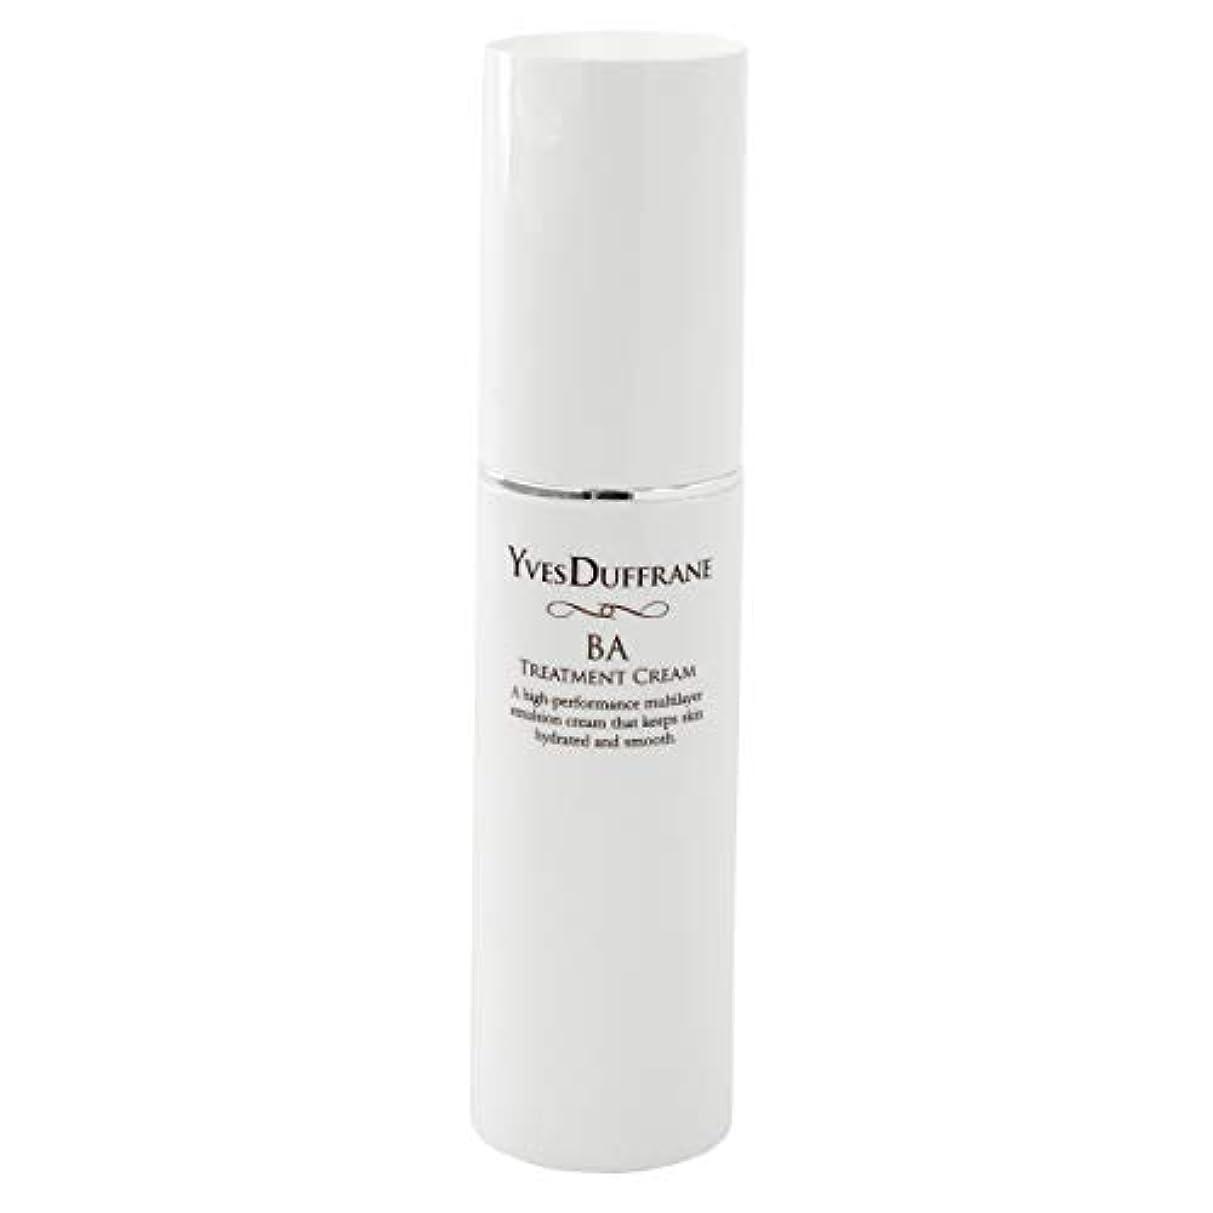 いま緊張手首セラミド 美容クリーム [BAトリートメント クリーム ] 顔 目元 敏感肌 保湿 セラミド ビタミンC誘導体 バイオアンテージ配合